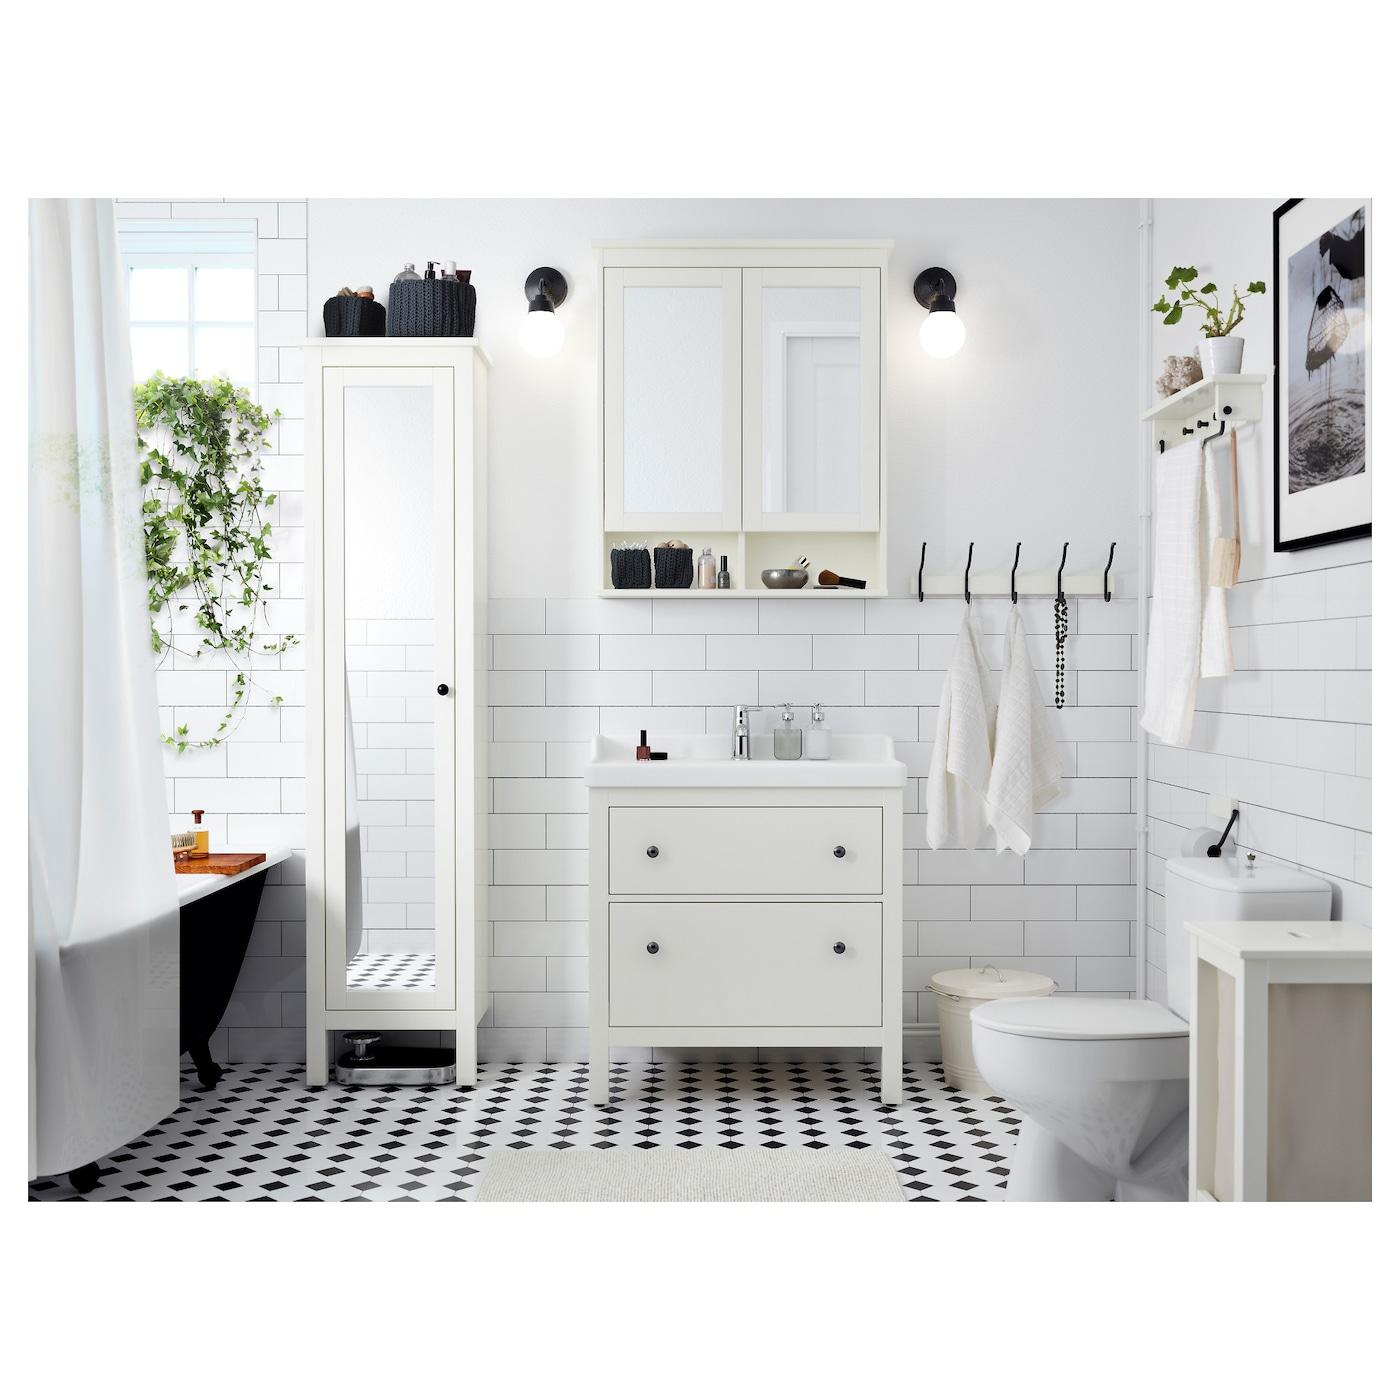 IKEA HEMNES high cabinet with mirror door  sc 1 st  Ikea & HEMNES High cabinet with mirror door White 49 x 31 x 200 cm - IKEA